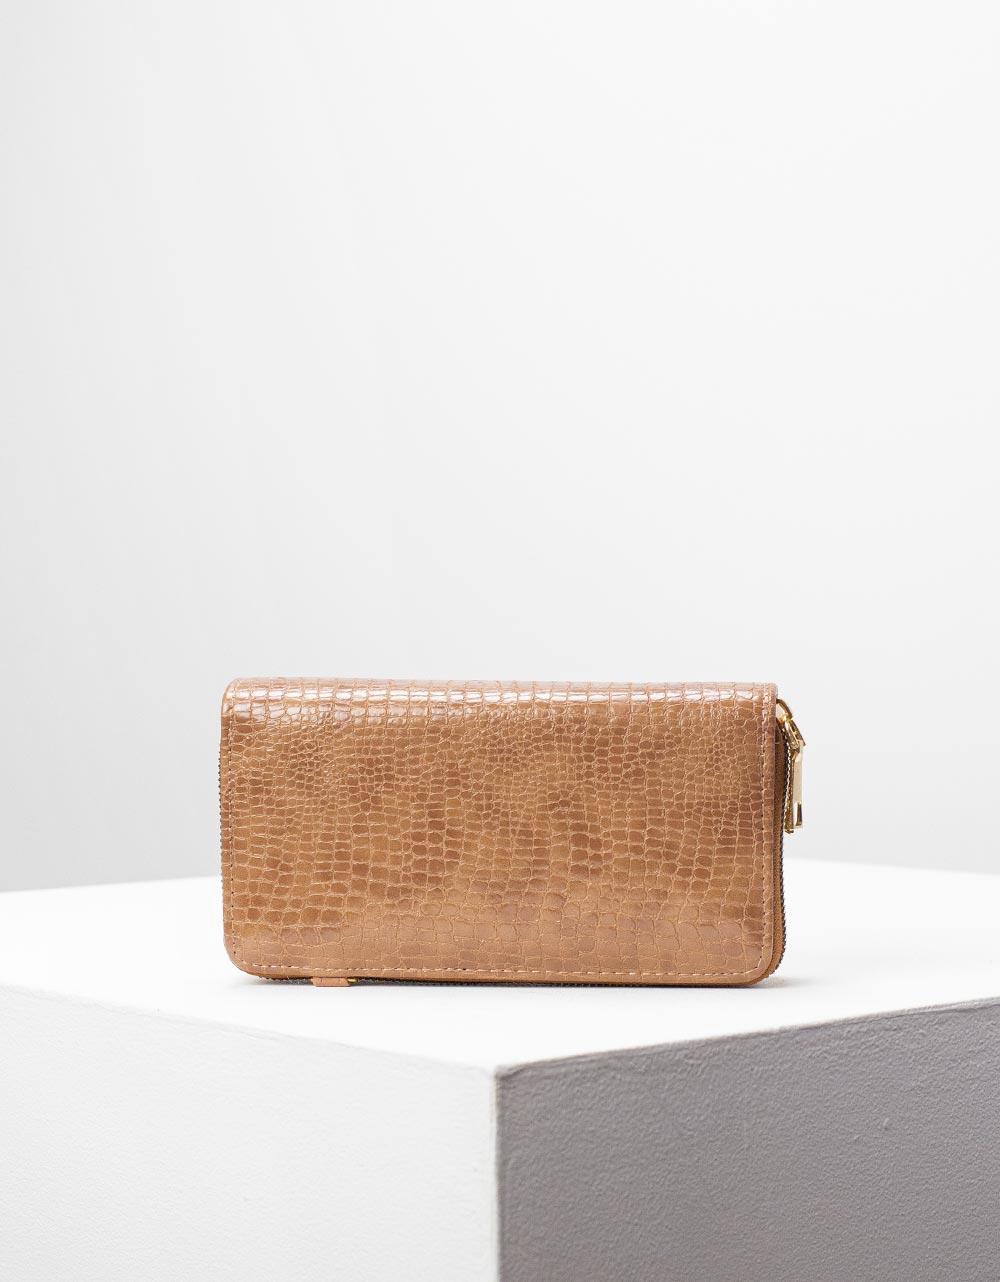 Εικόνα από Γυναικεία πορτοφόλια με κροκό σχέδιο Πούρο